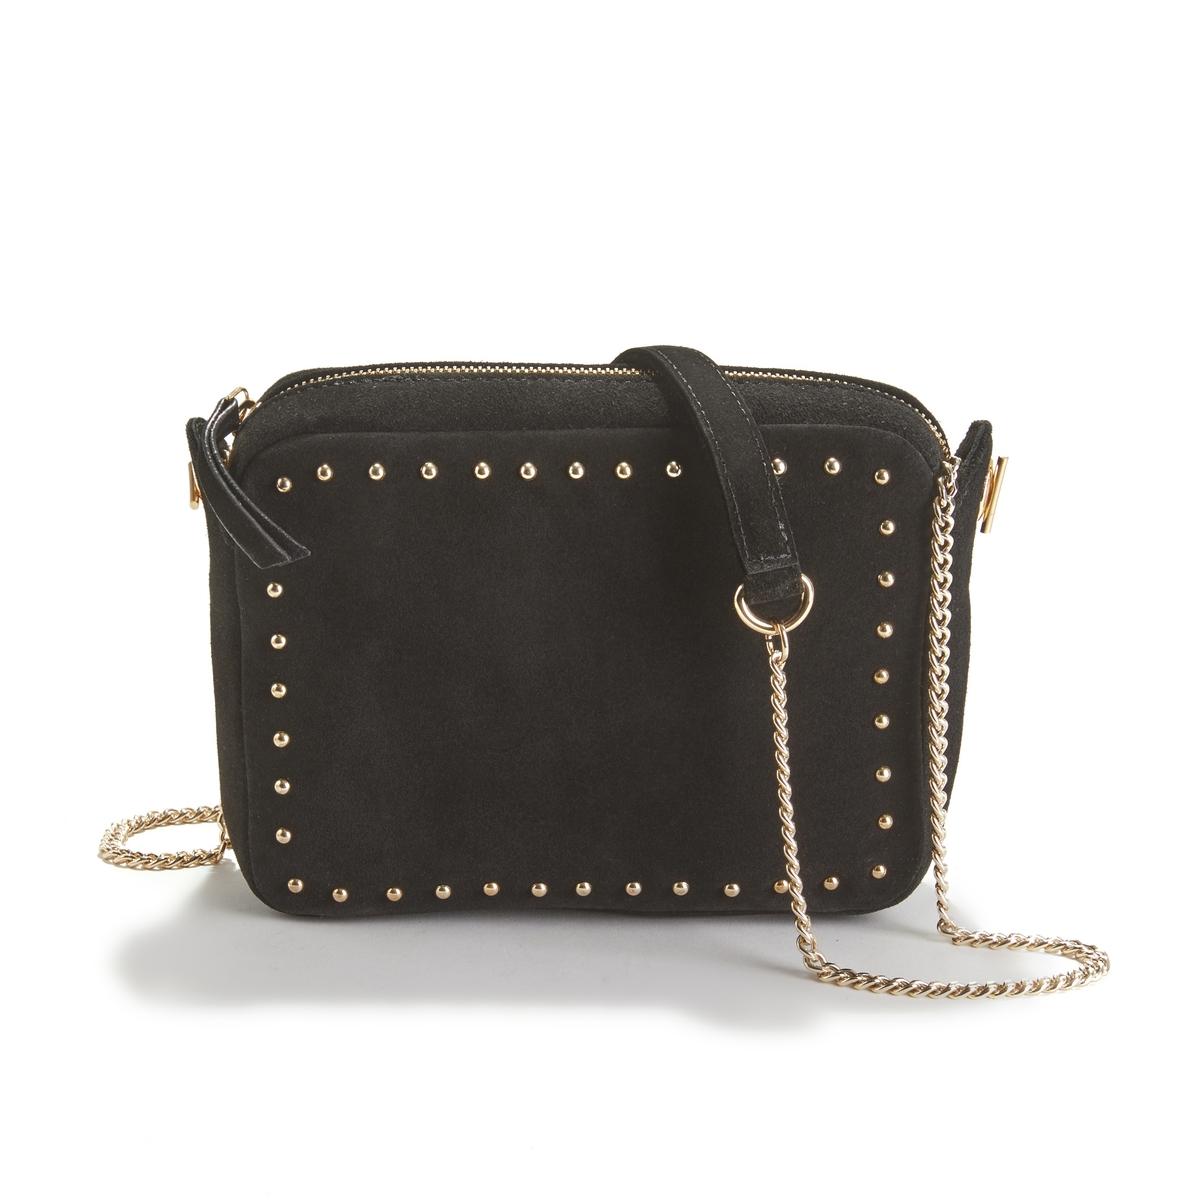 Сумка La Redoute Кожаная FOUDRE единый размер черный сумка la redoute из ткани с блестками h единый размер черный